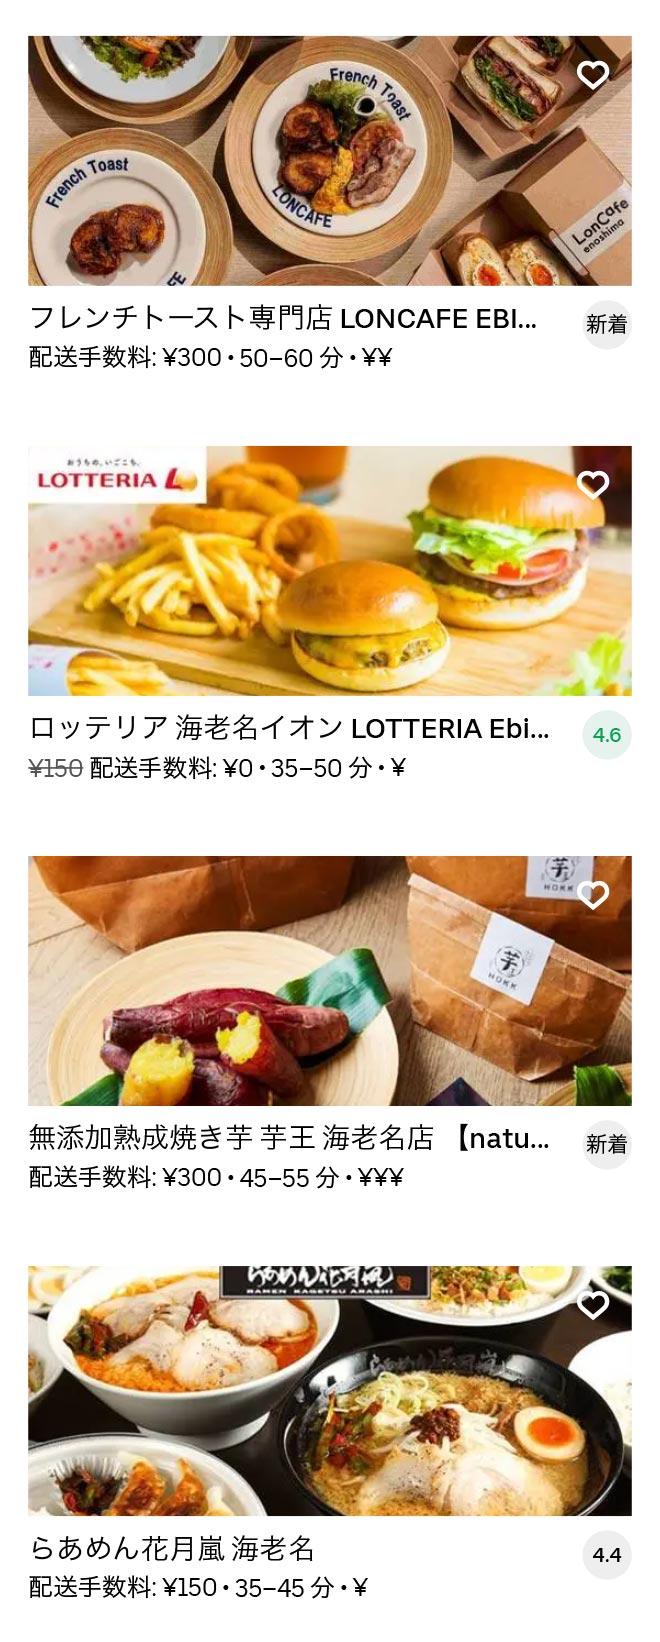 Ebina menu 2010 06